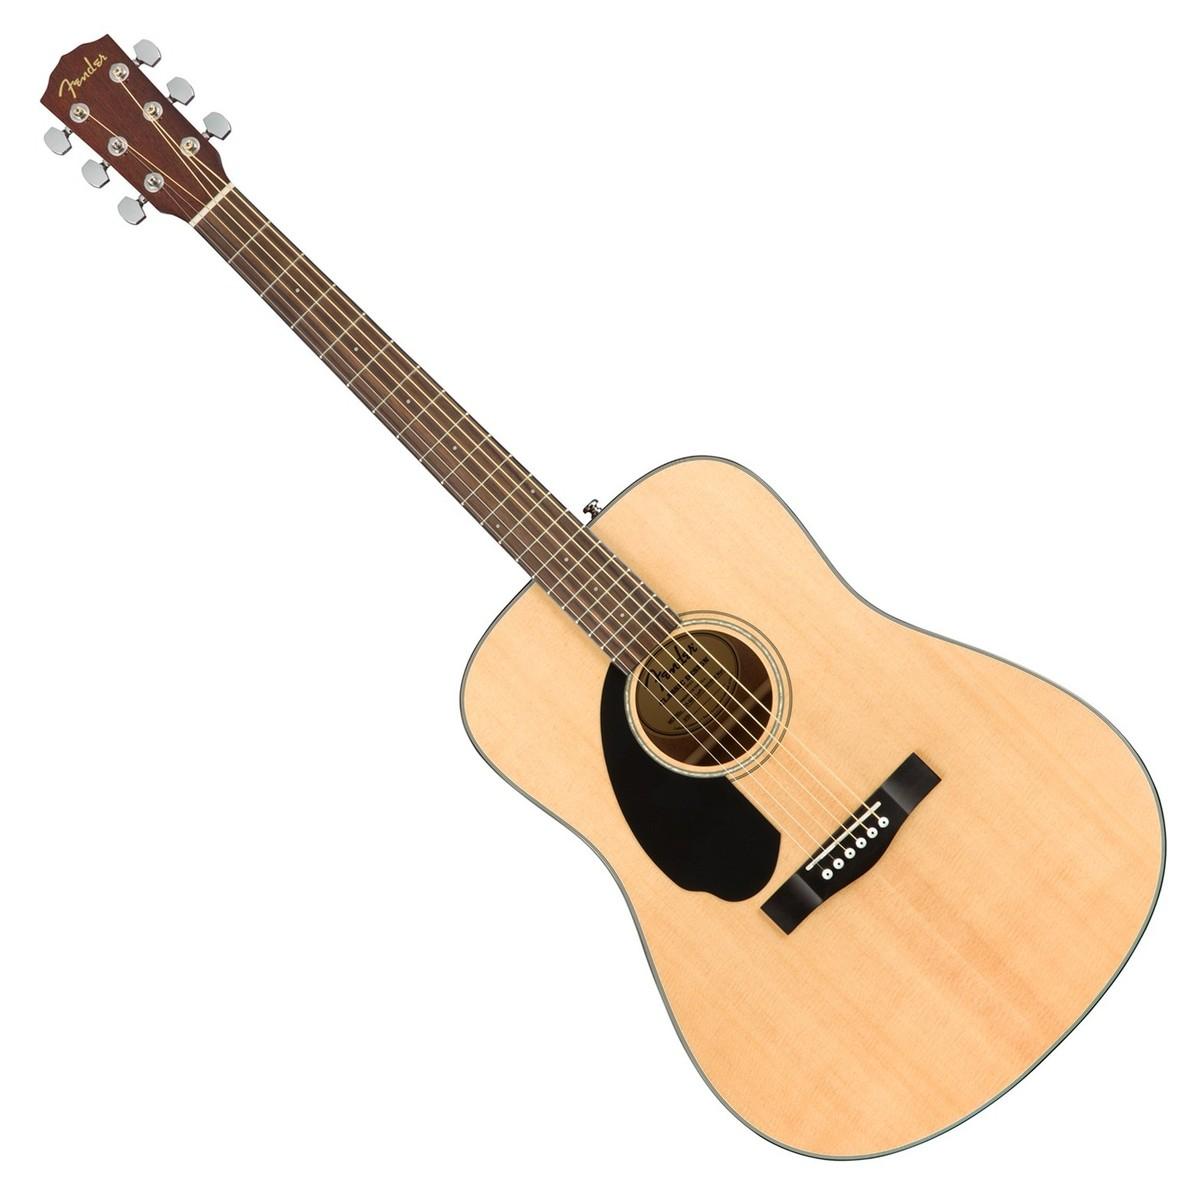 fender cd 60s left handed acoustic guitar natural at gear4music. Black Bedroom Furniture Sets. Home Design Ideas